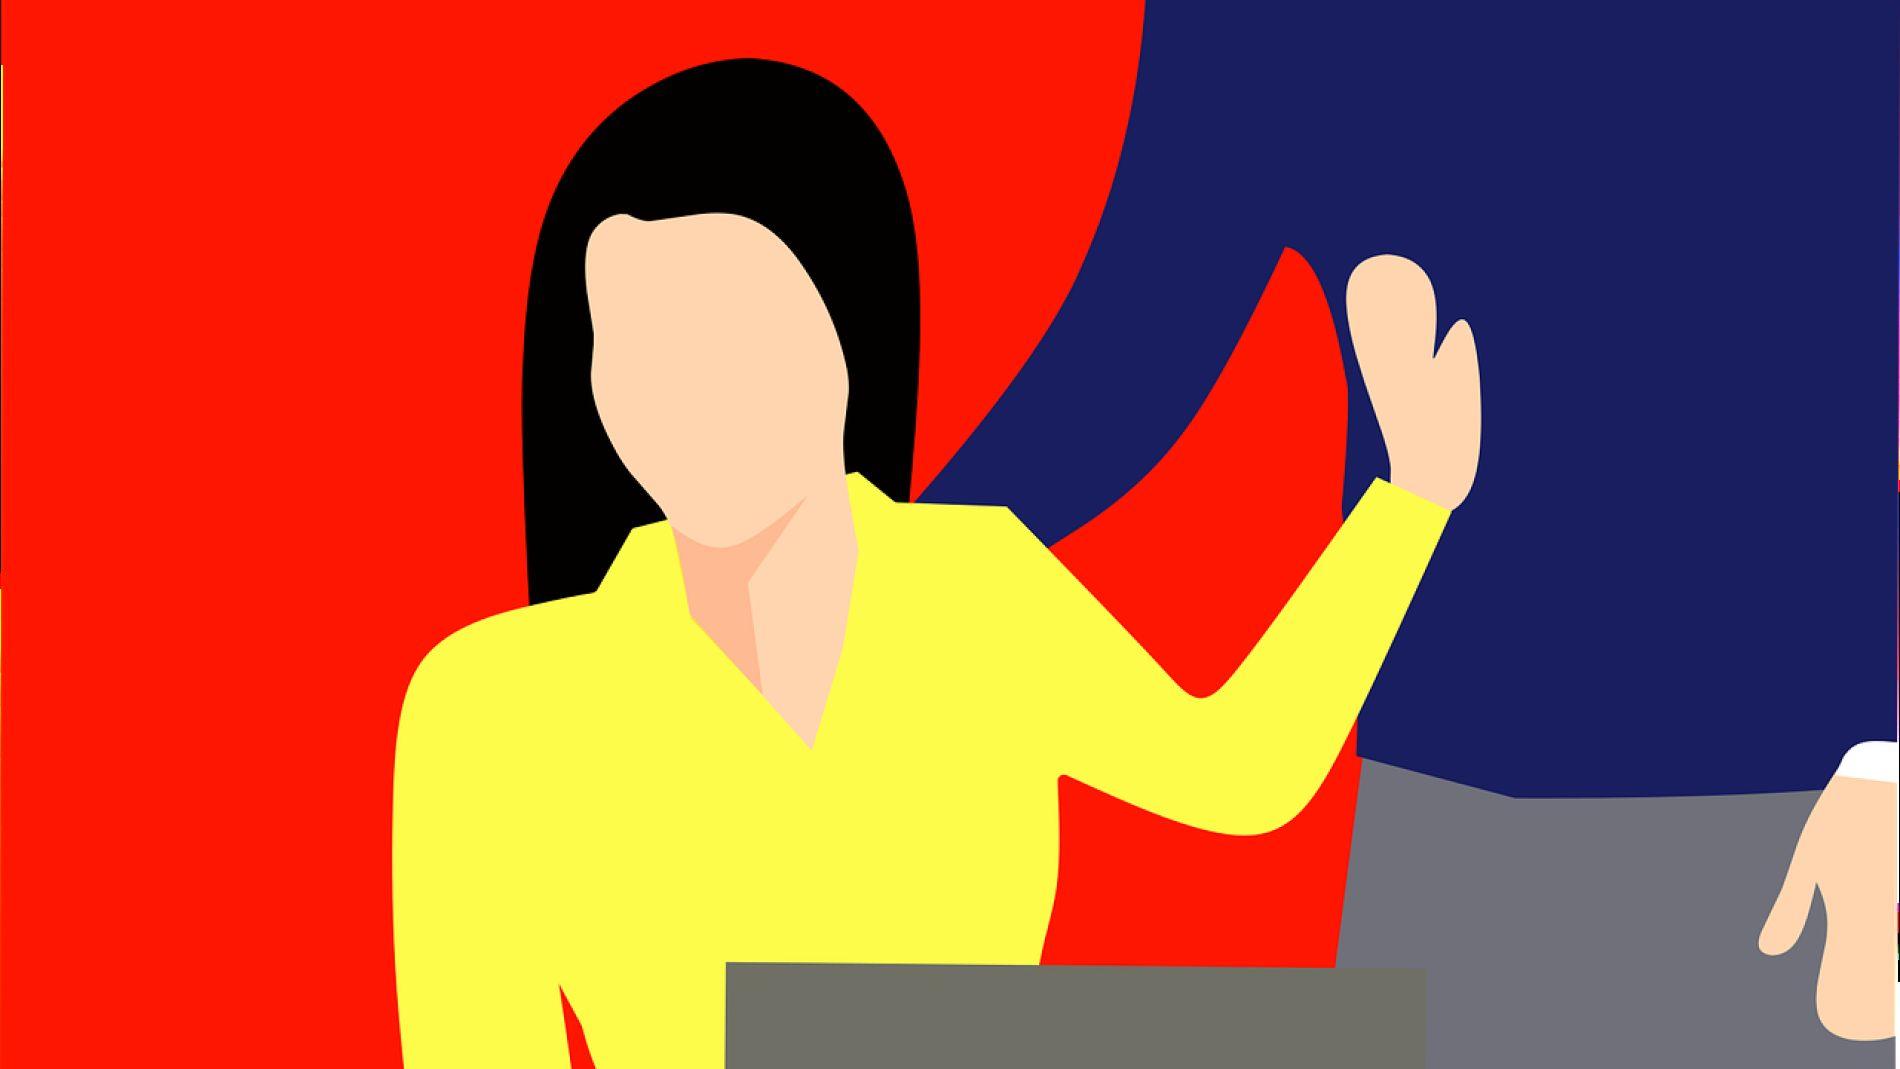 El acoso en el trabajo, más habitual de lo que parece